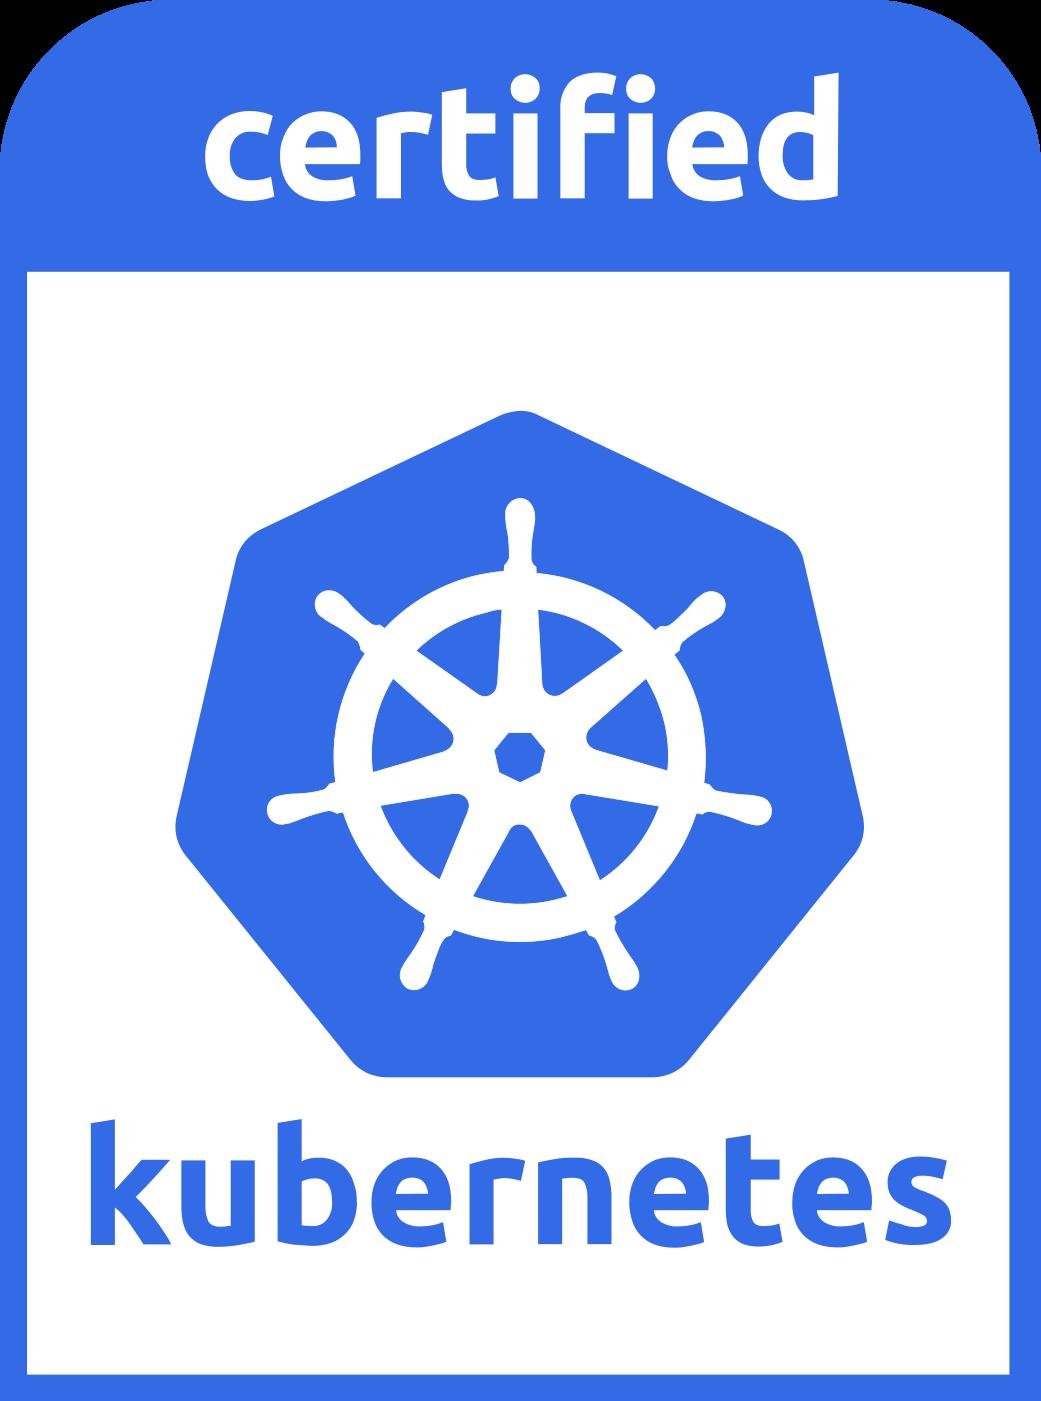 K8S_Certified